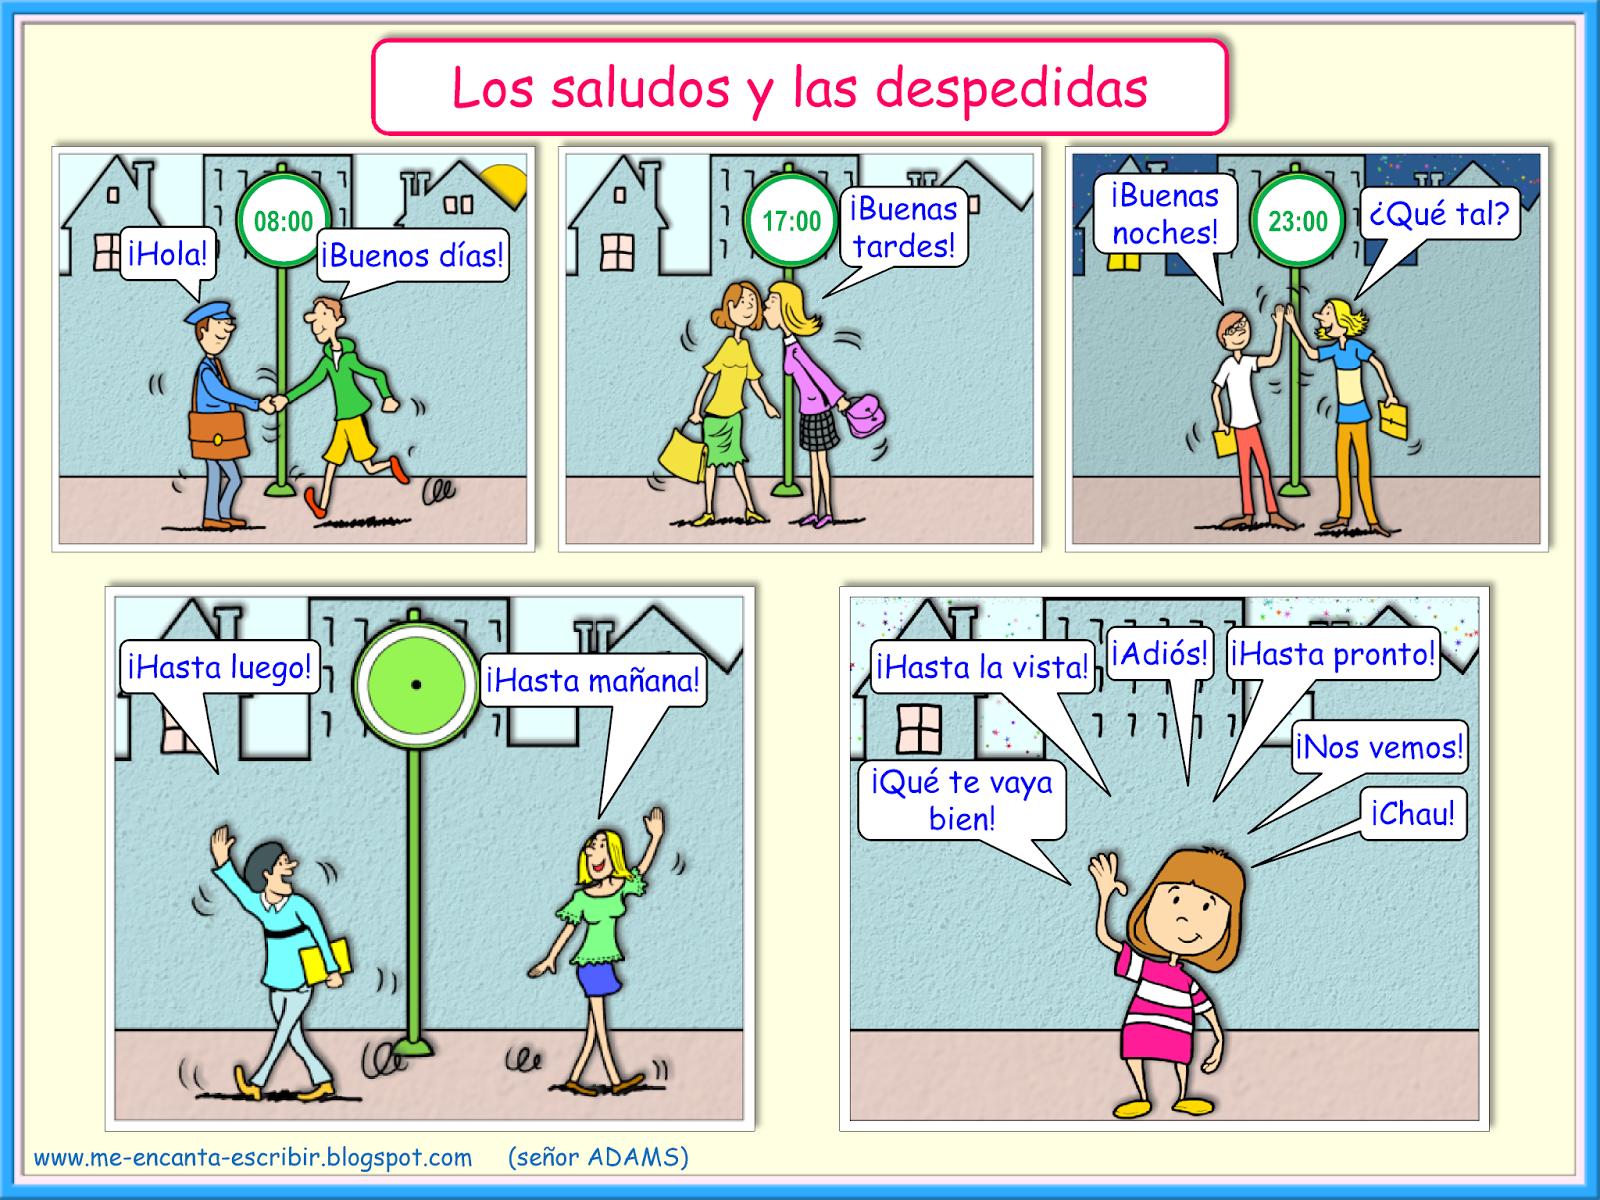 Me Encanta Escribir En Espanol Los Saludos Y Las Despedidas Saludos En Espanol Expresiones En Espanol Clase De Espanol